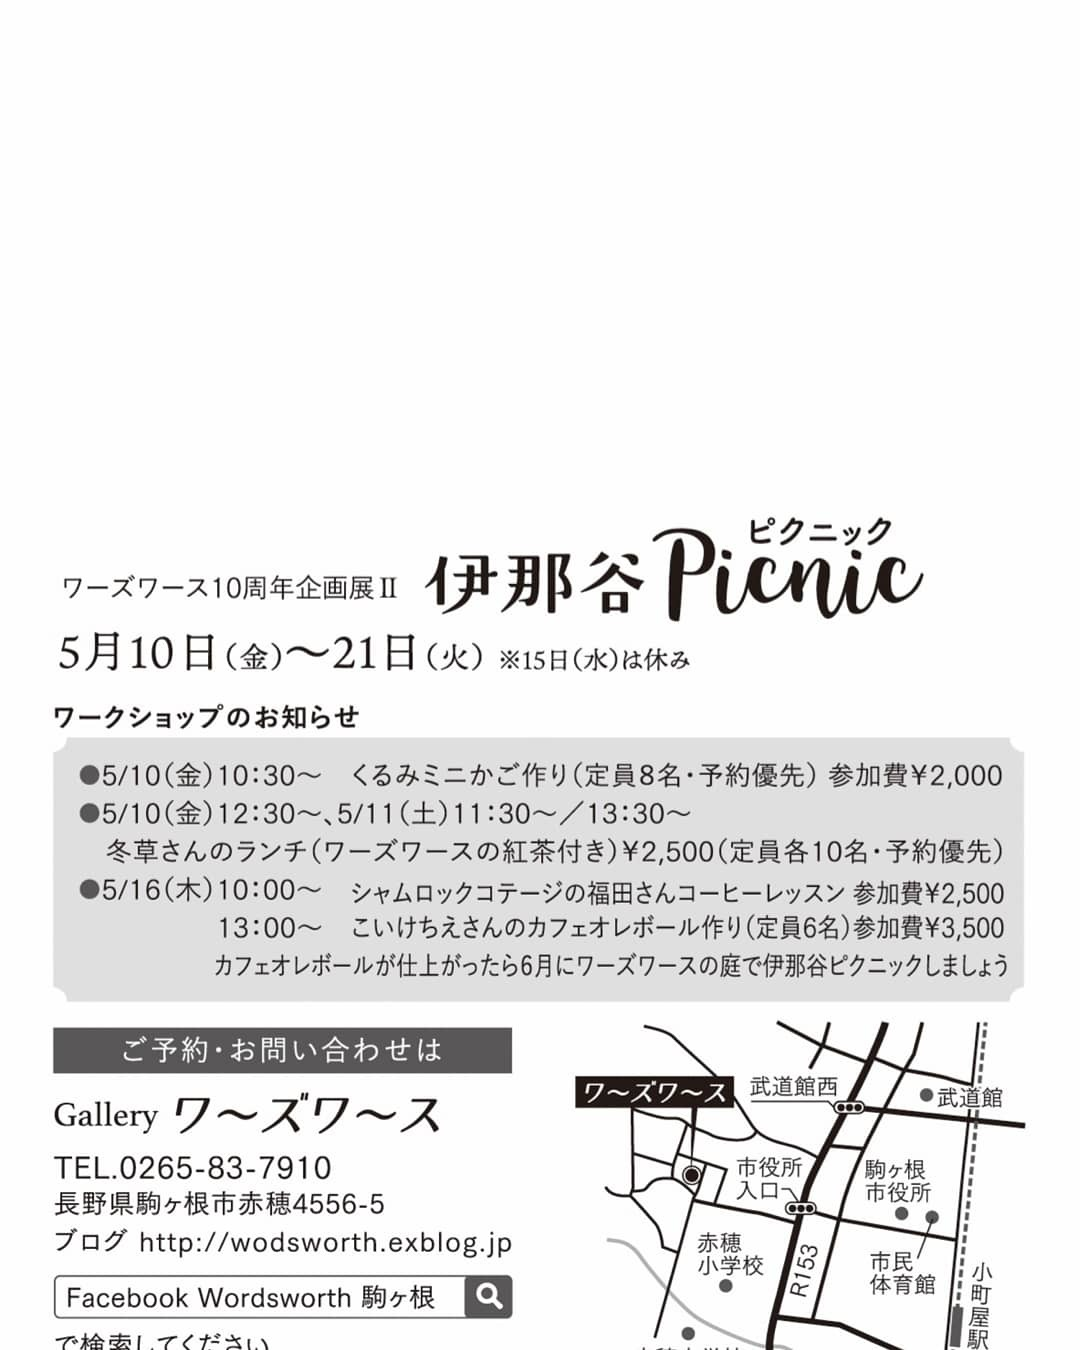 5月「伊那谷ピクニック」_e0187897_14453993.jpg